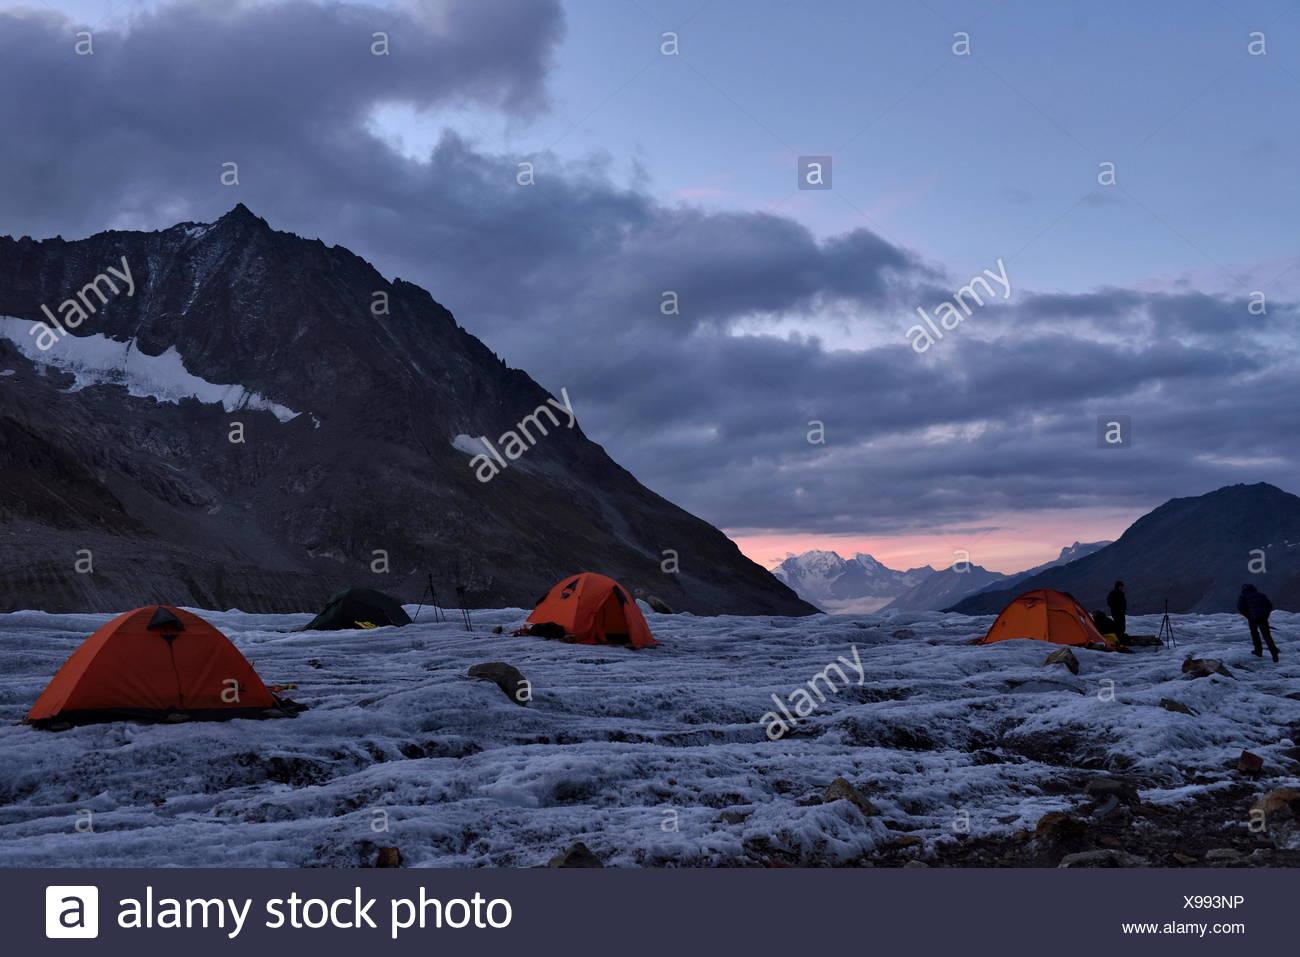 Das Team der italienischen Speläologen begleichen in den Abend hinein an ihr Basislager auf Aletschgletschers. Warmer Dämmerung leuchtet die orange Zelte Stockbild